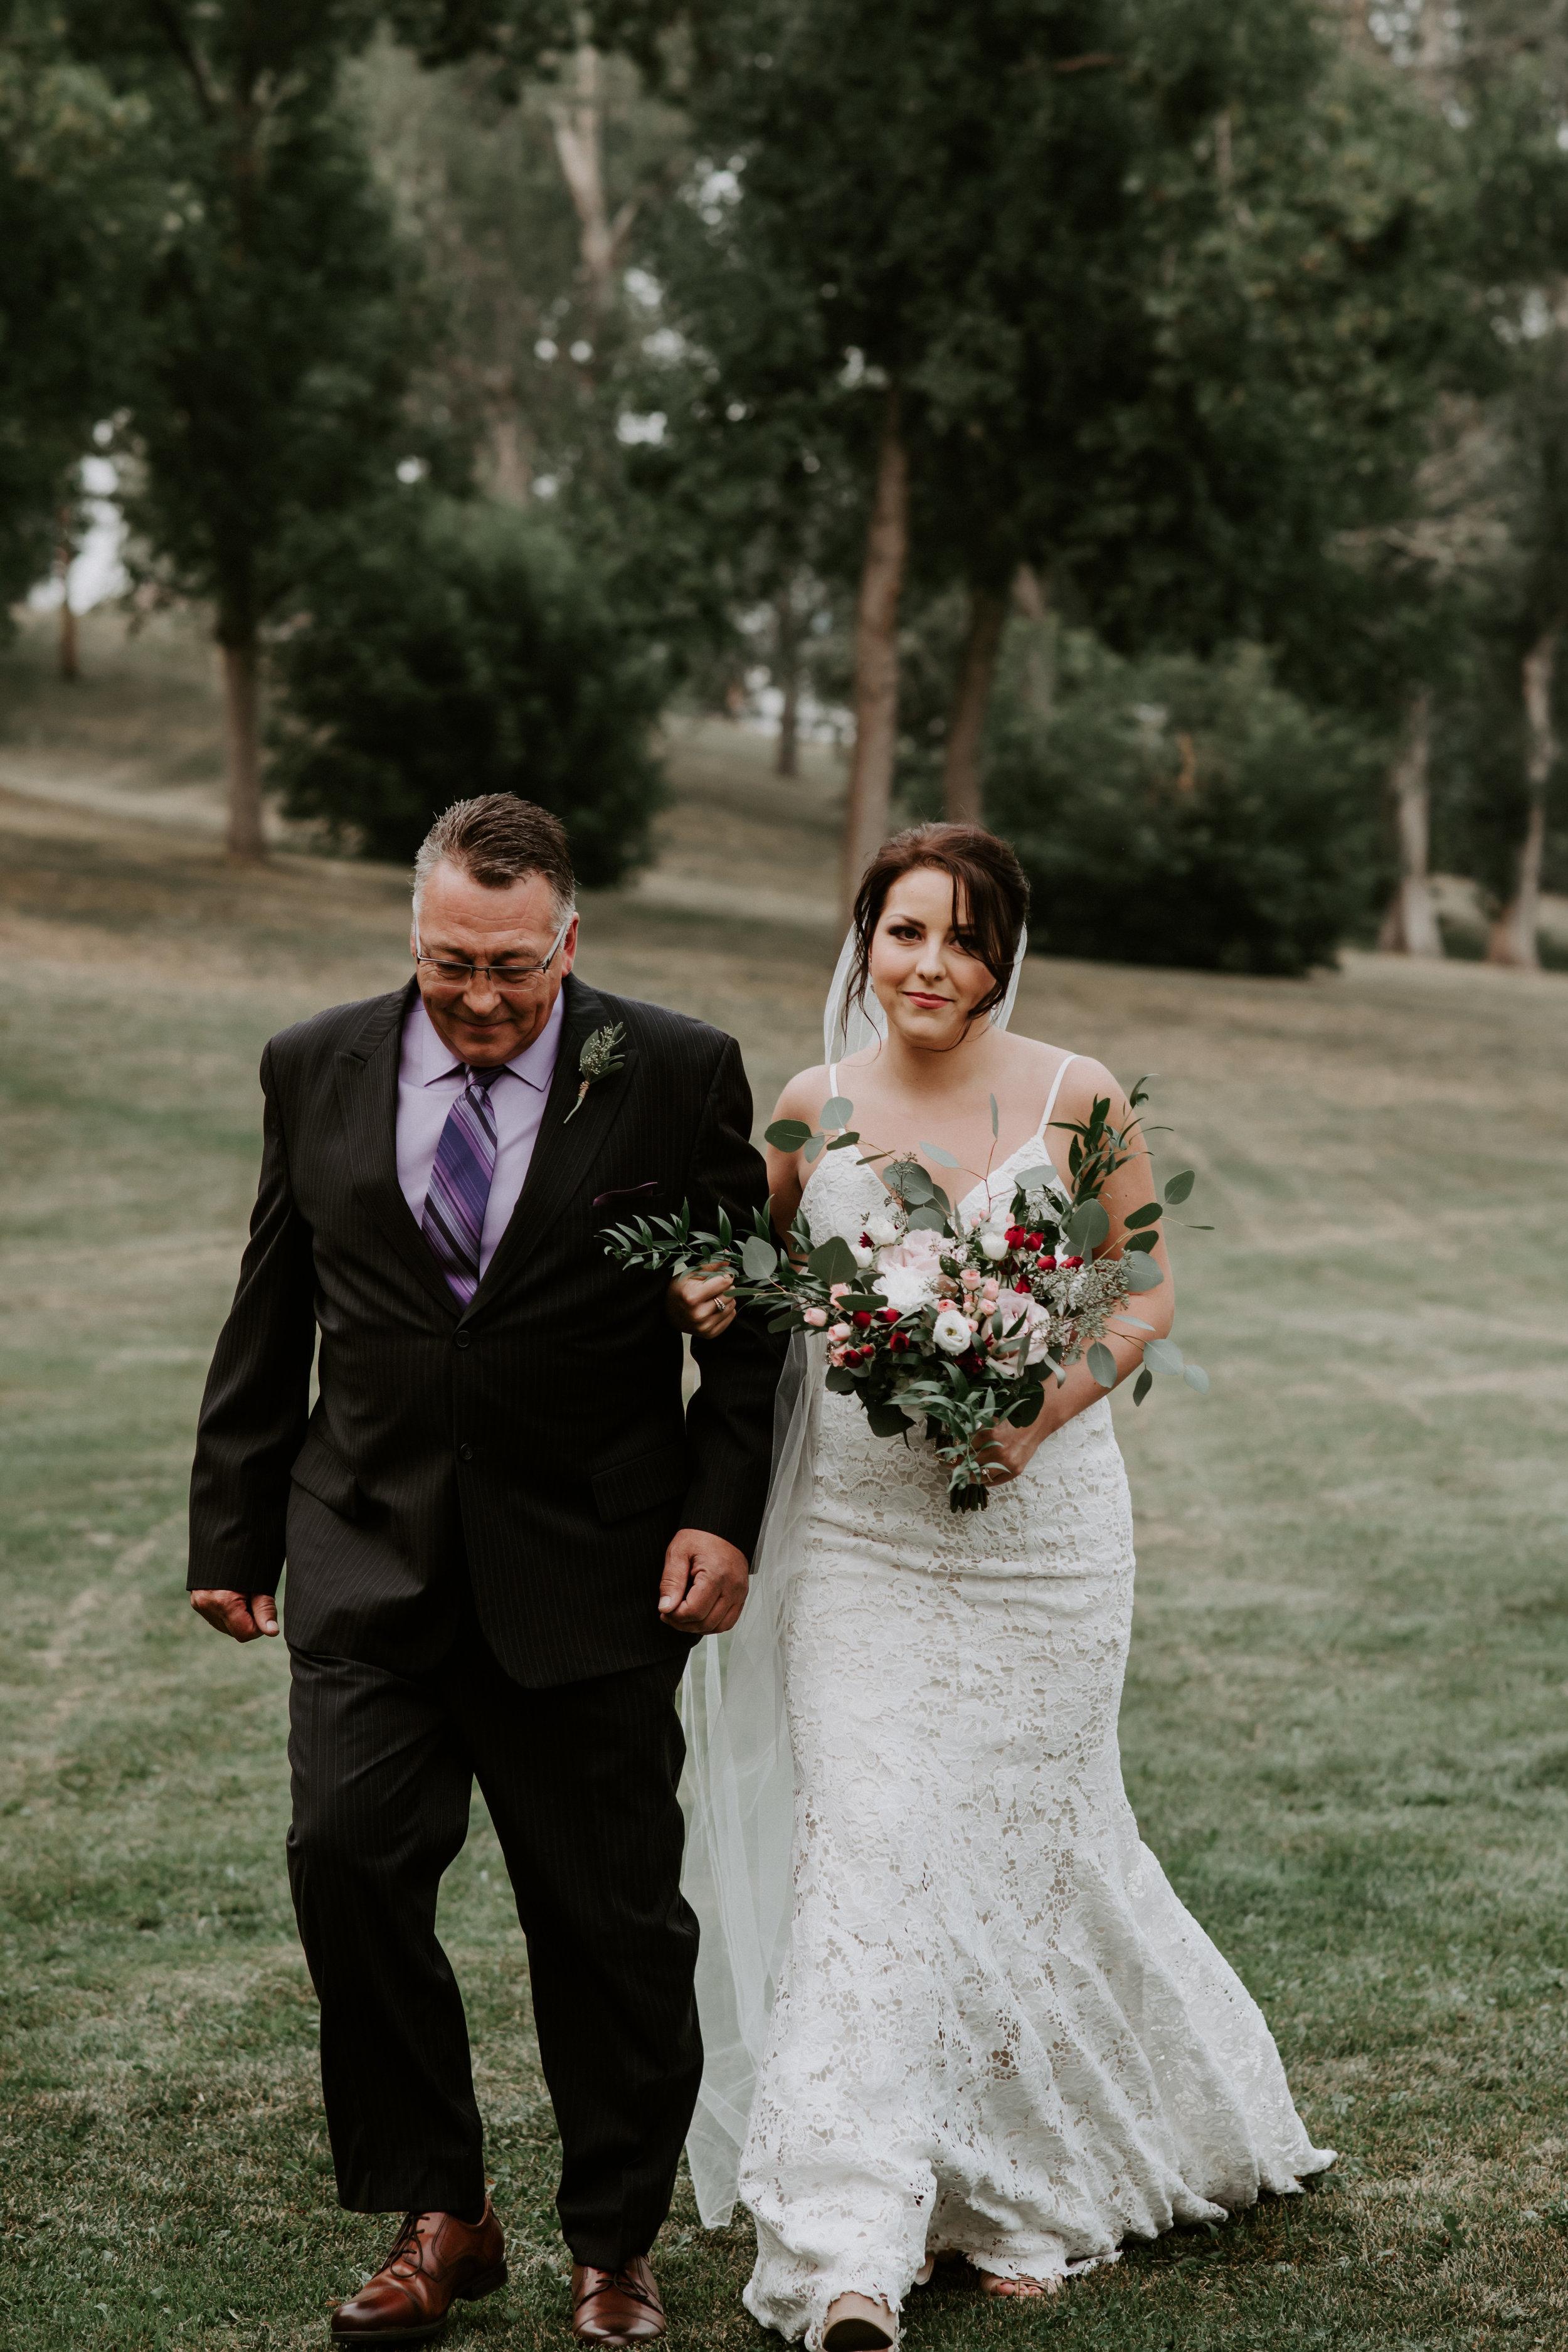 Calgary Wedding Photographer - 22 of 84.jpg